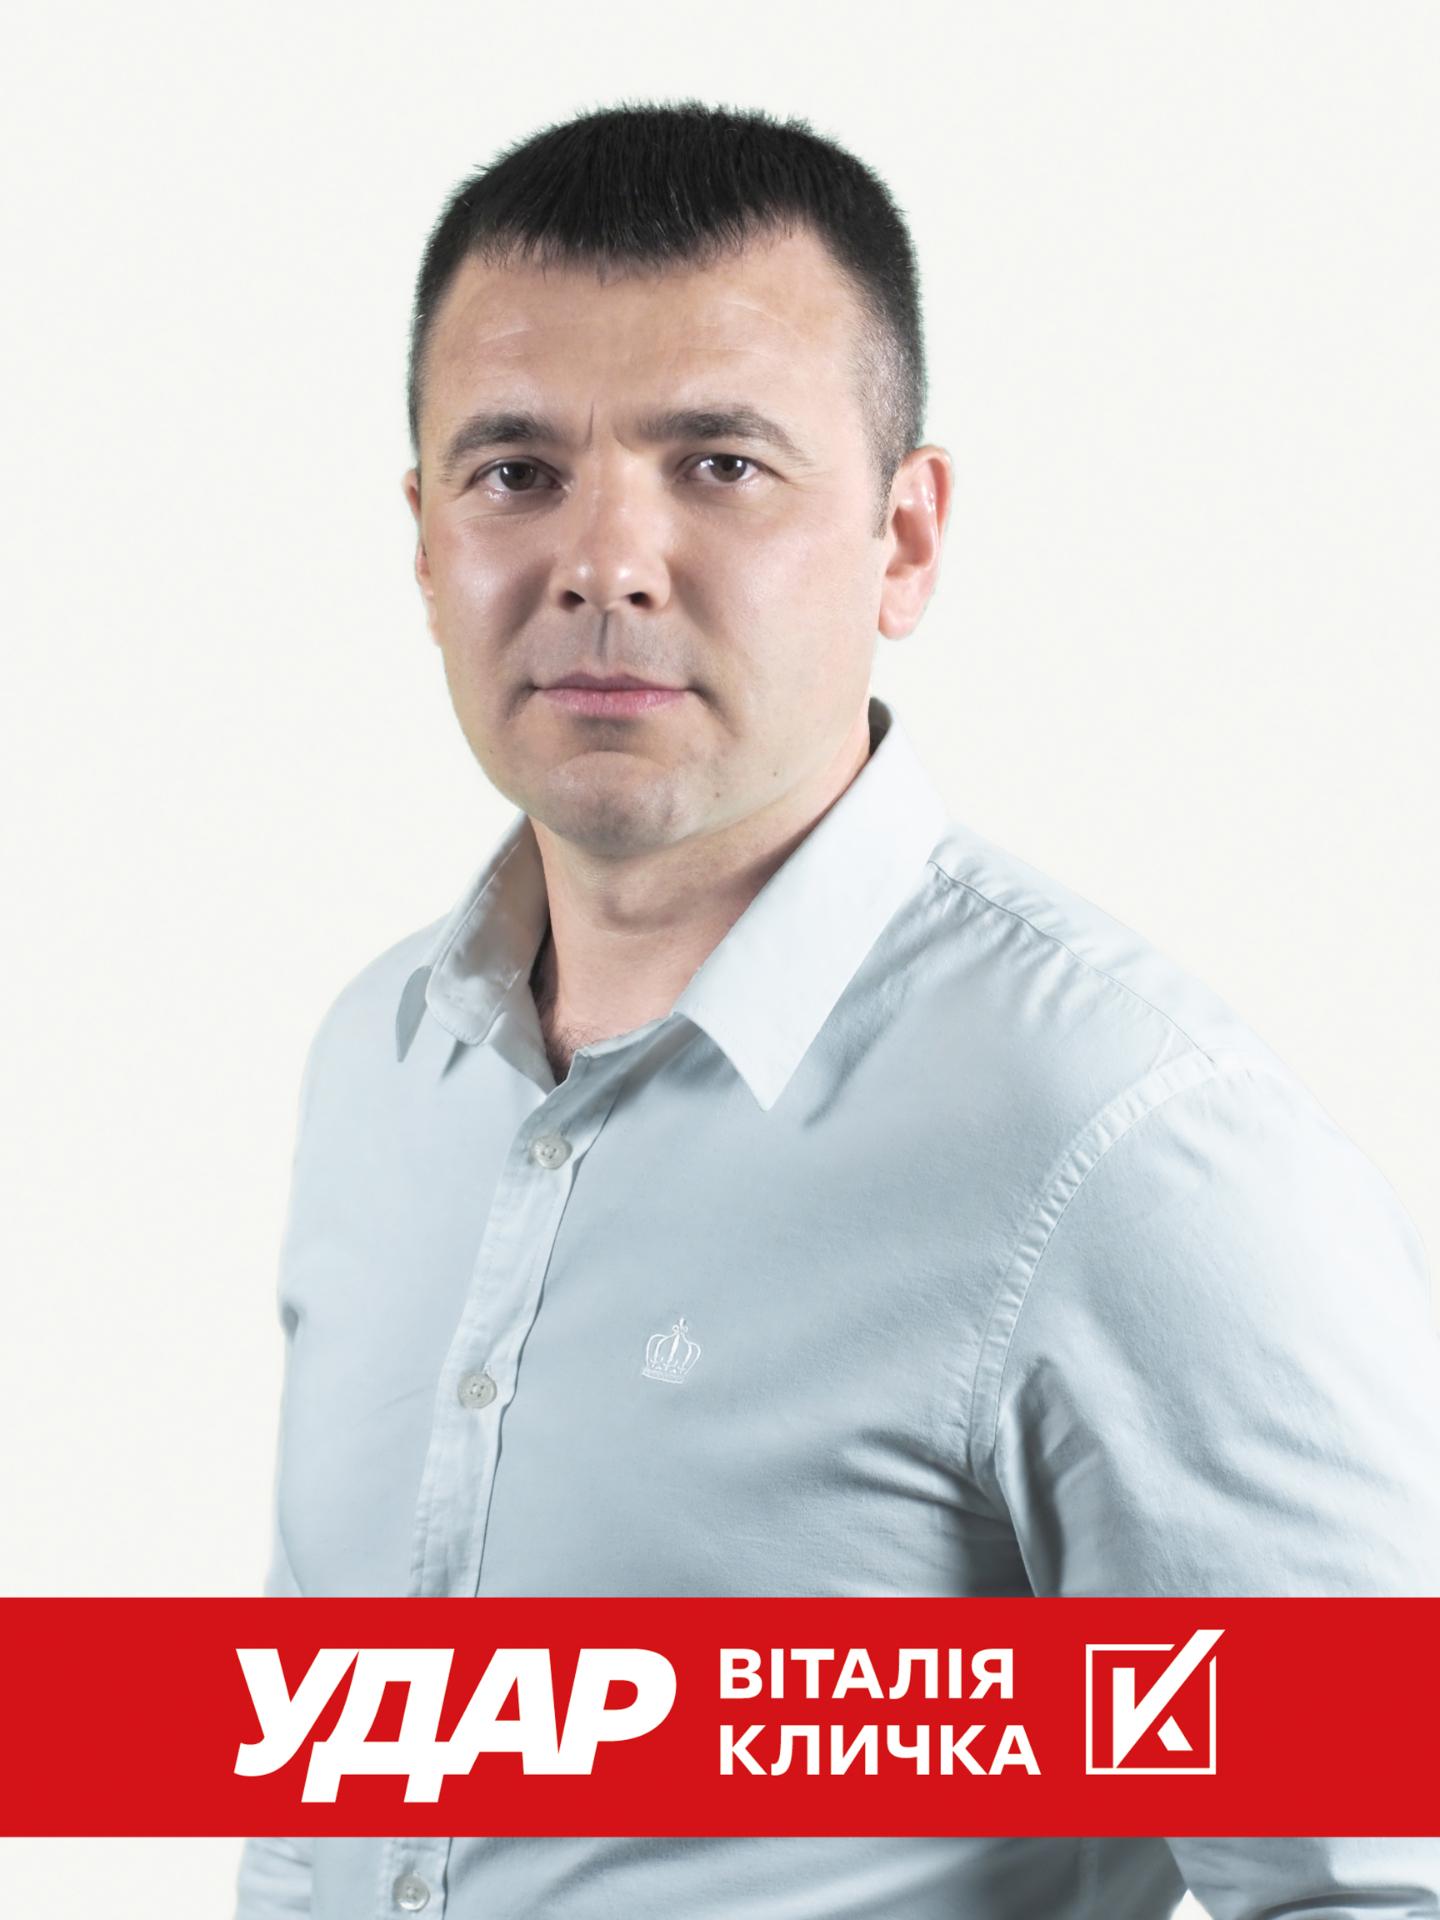 Воротняк Григорій Васильович